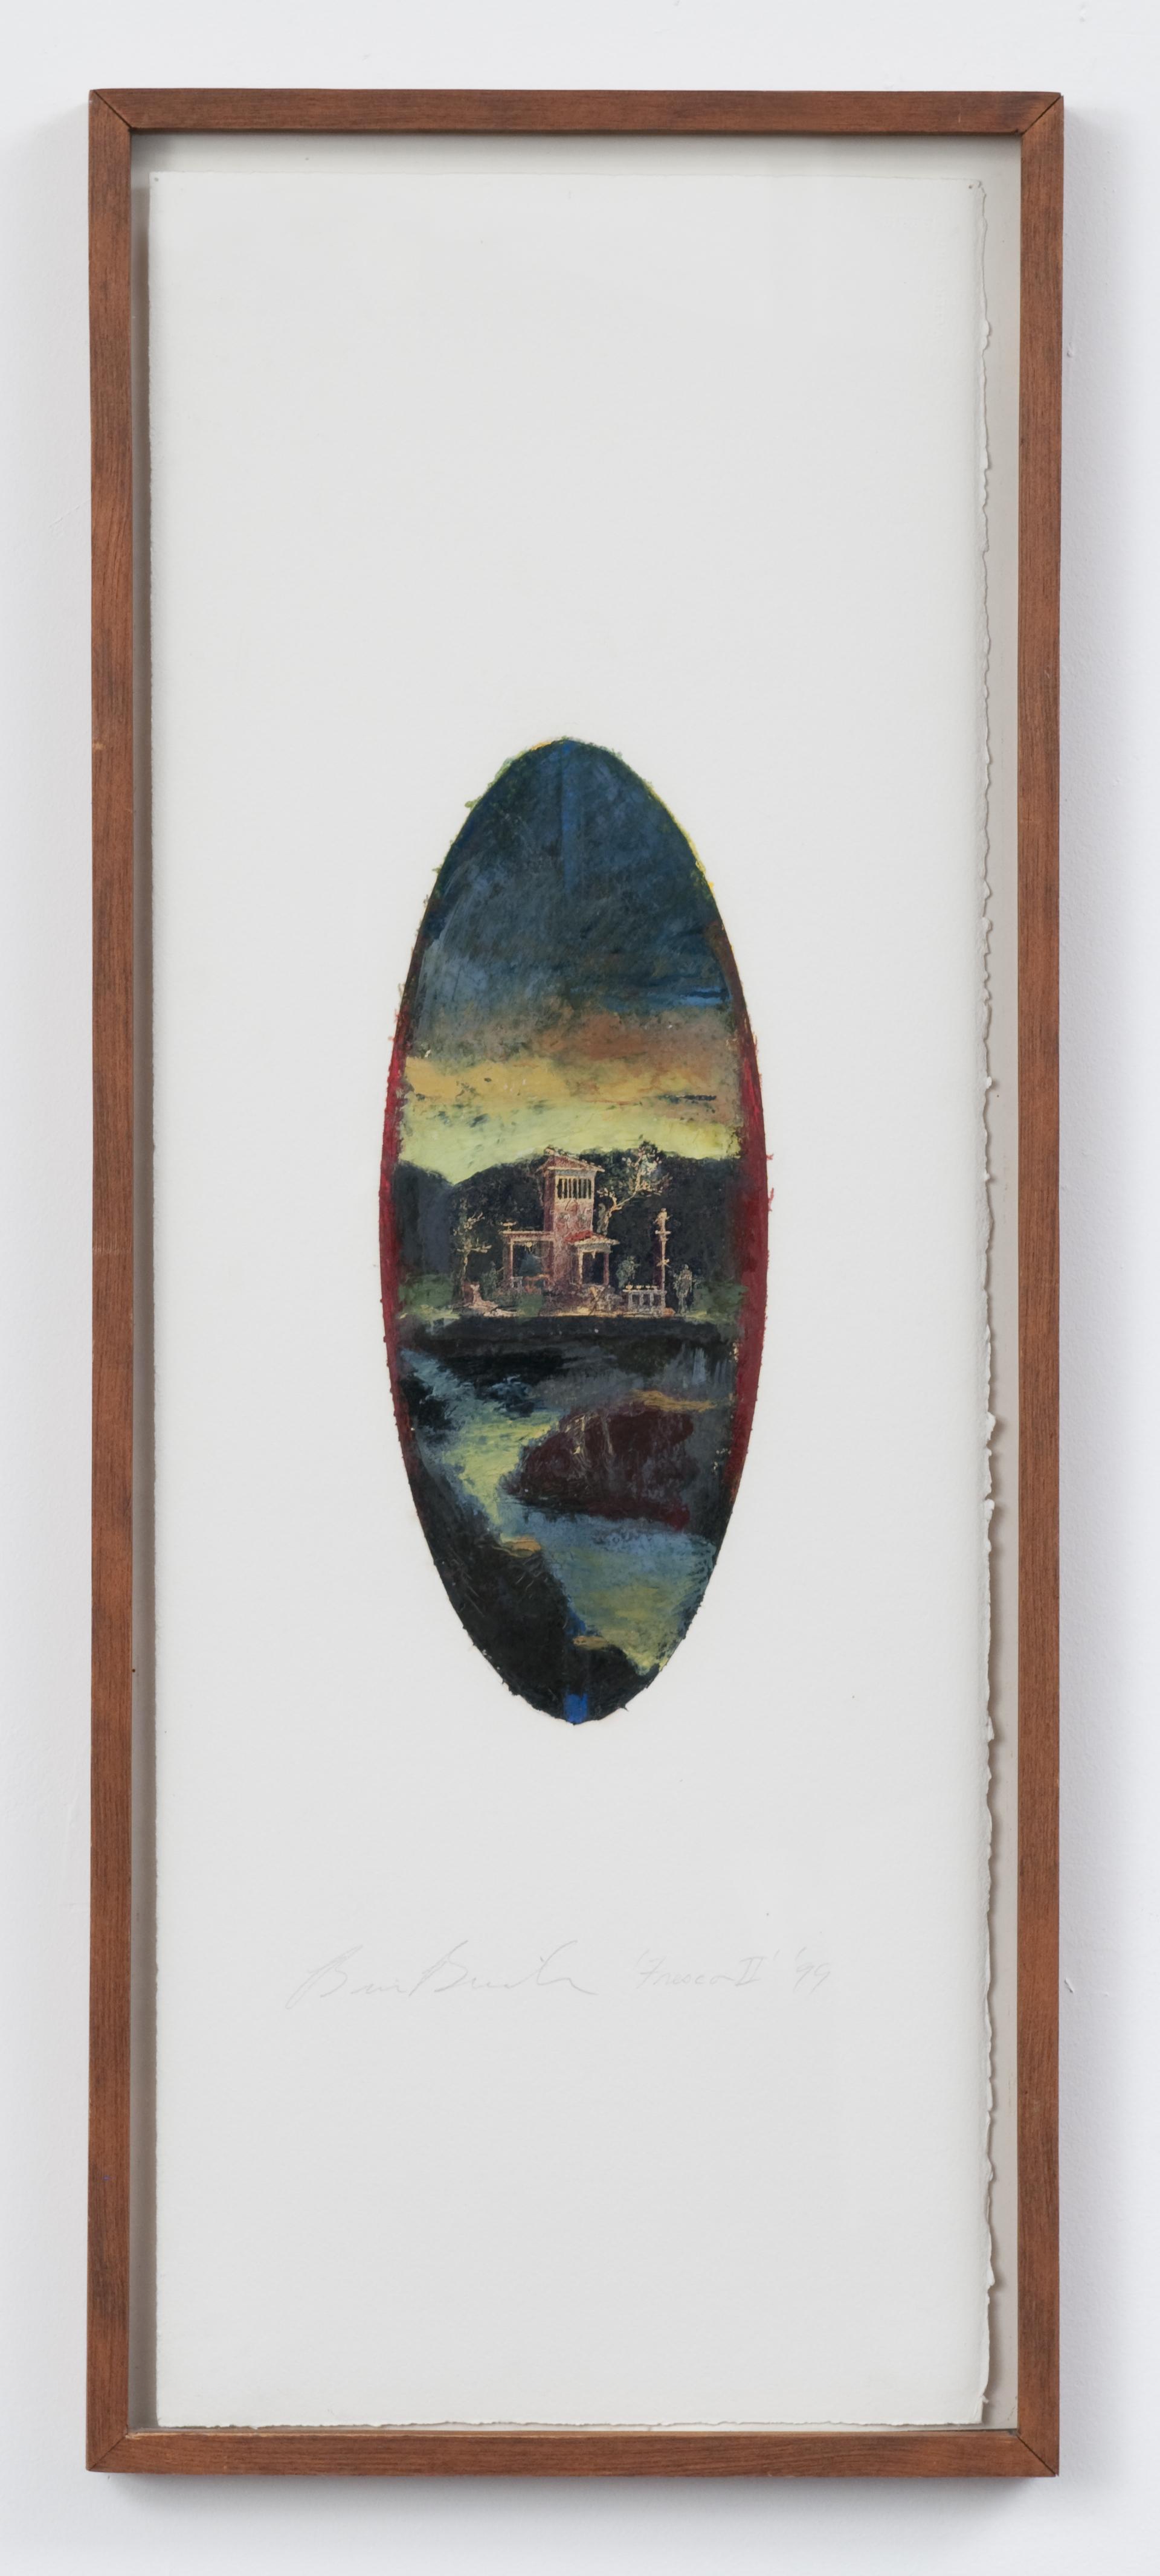 Fresco II, 1999